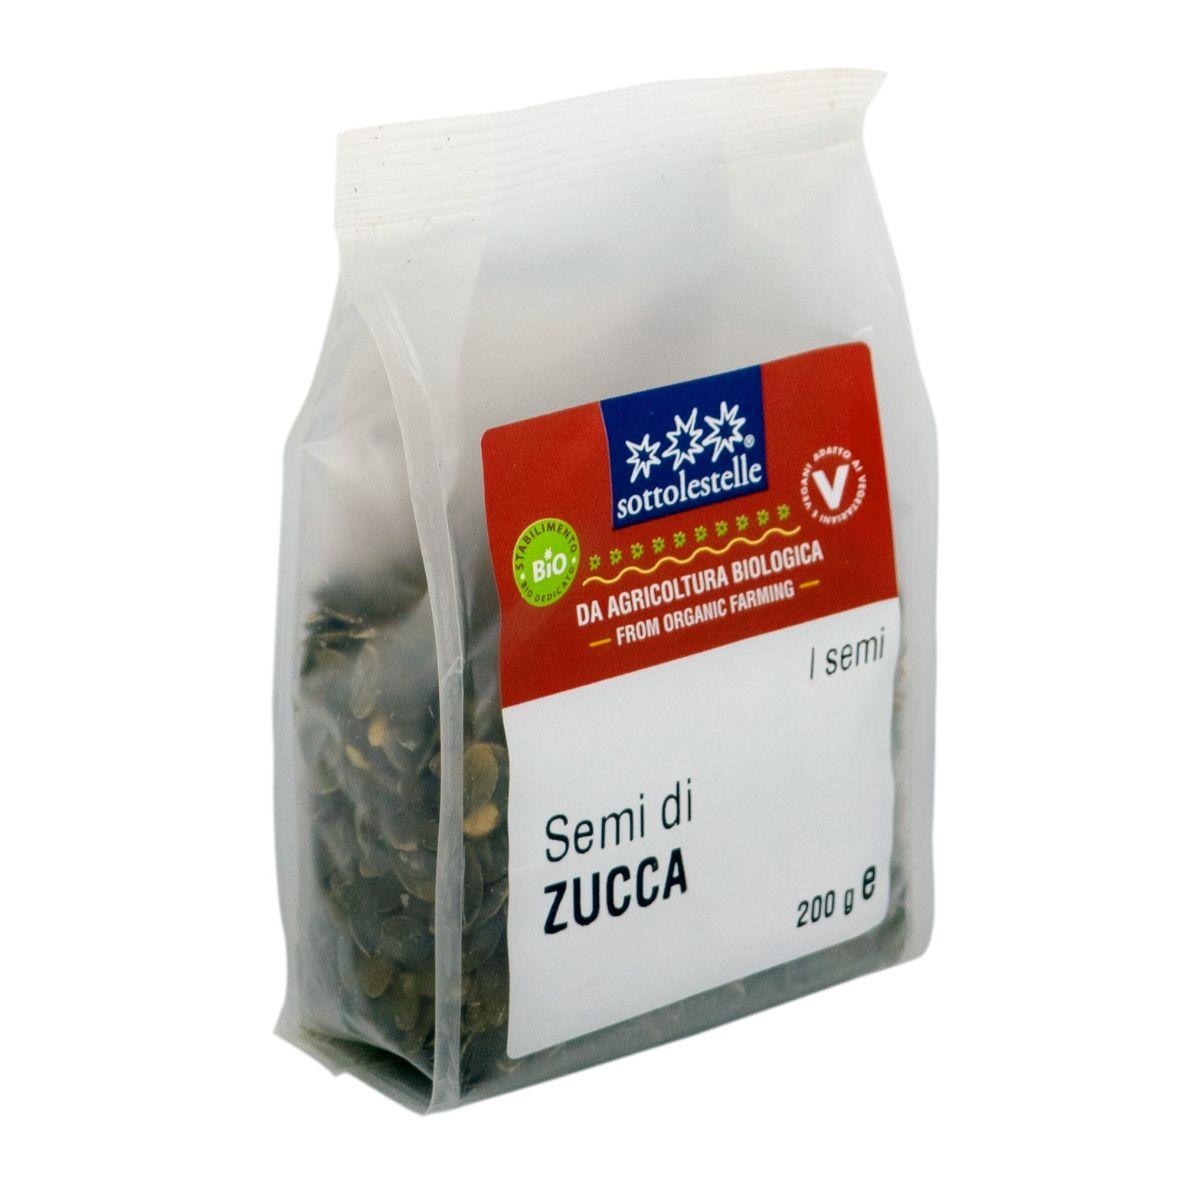 8032454070683 B Hạt bí hữu cơ đã bóc vỏ Sotto 200g - Semi di zucca